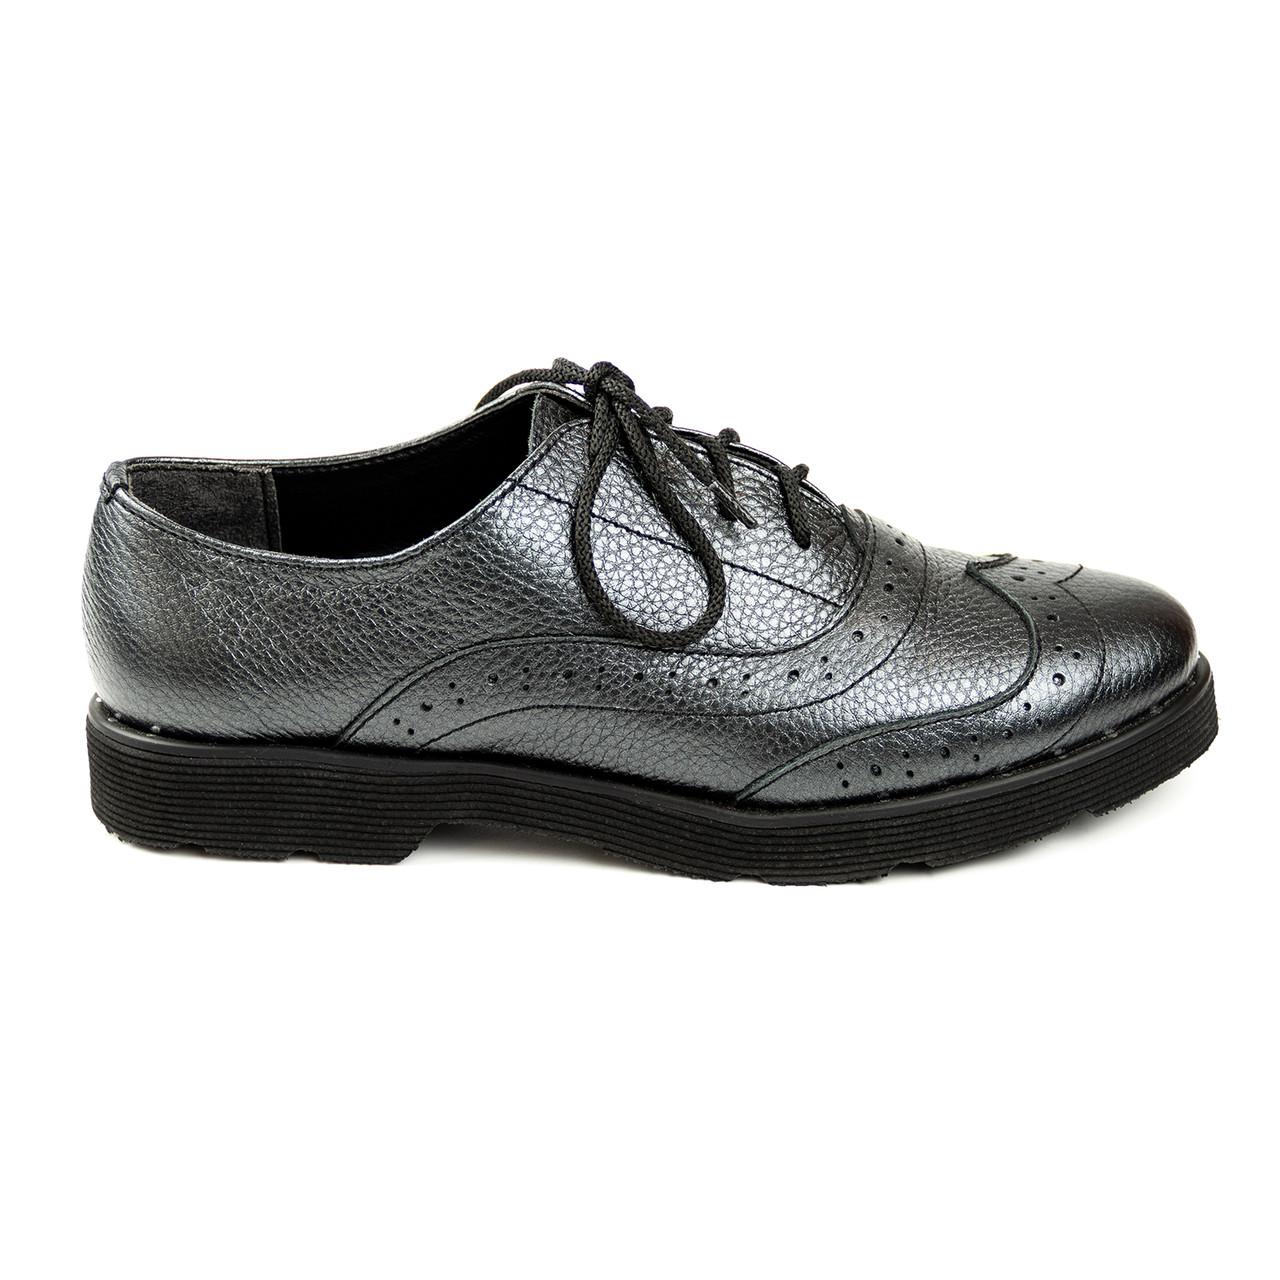 Туфли броги женские 36-40 Woman's heel серые на плоской подошве со шнуровкой